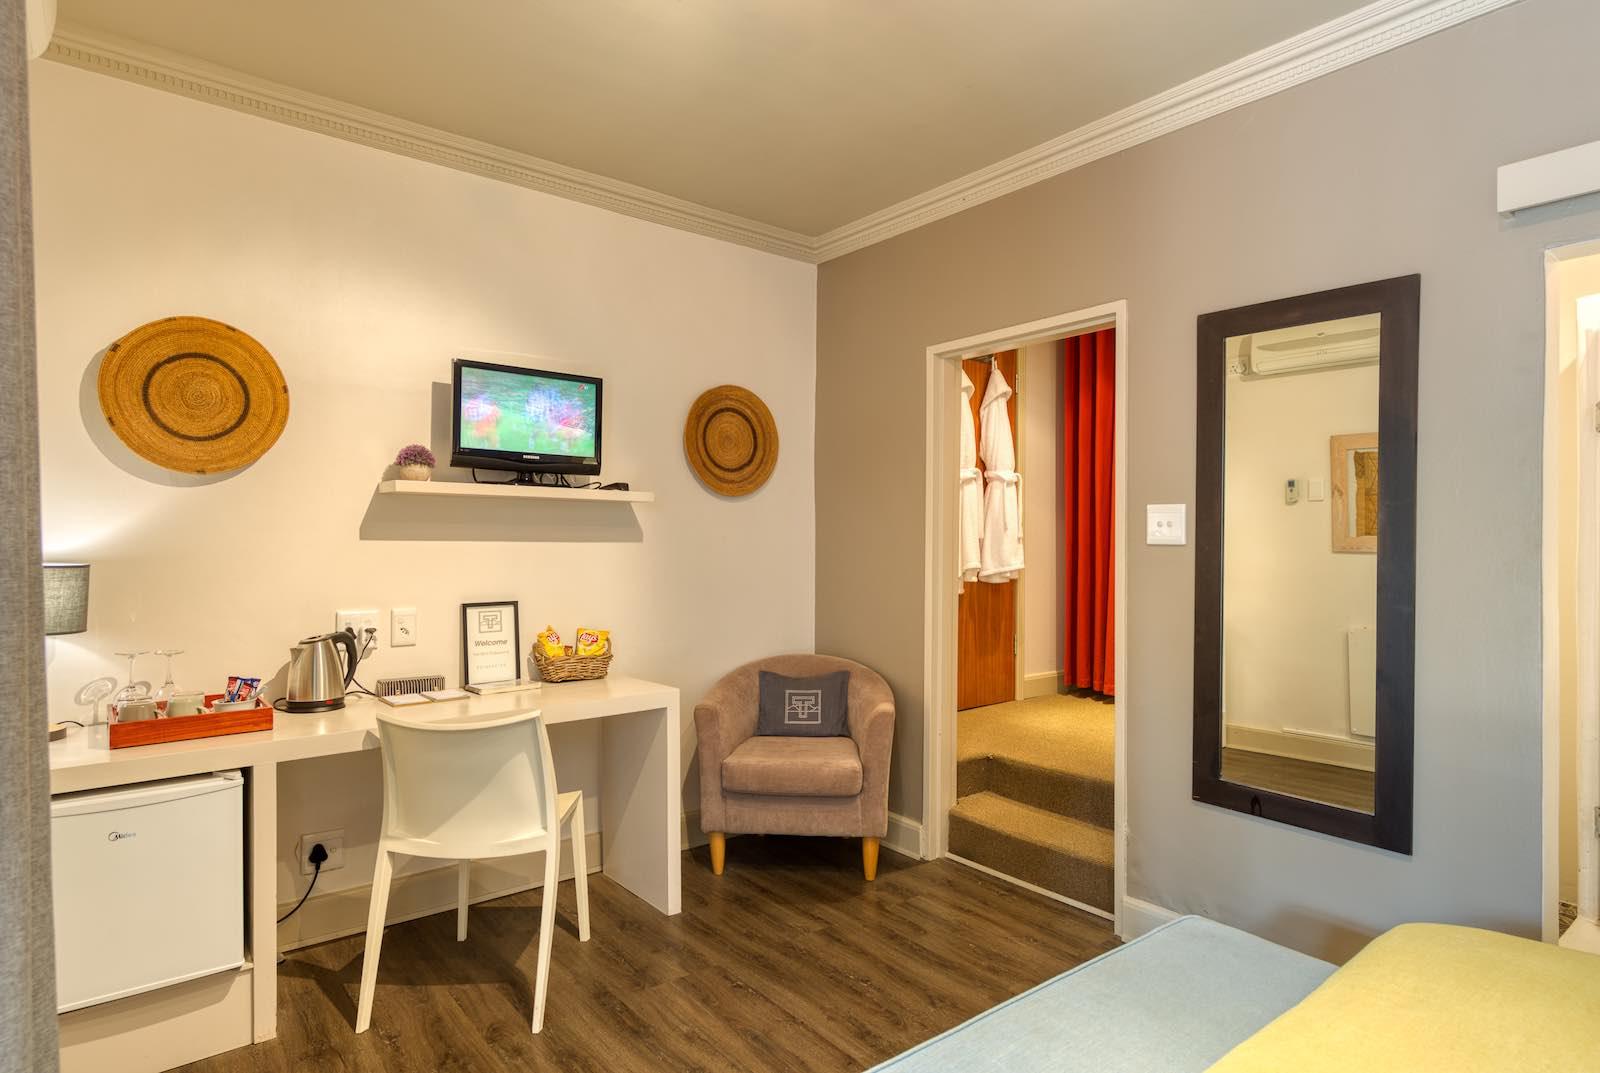 ROOM 3 de Tafelberg 081